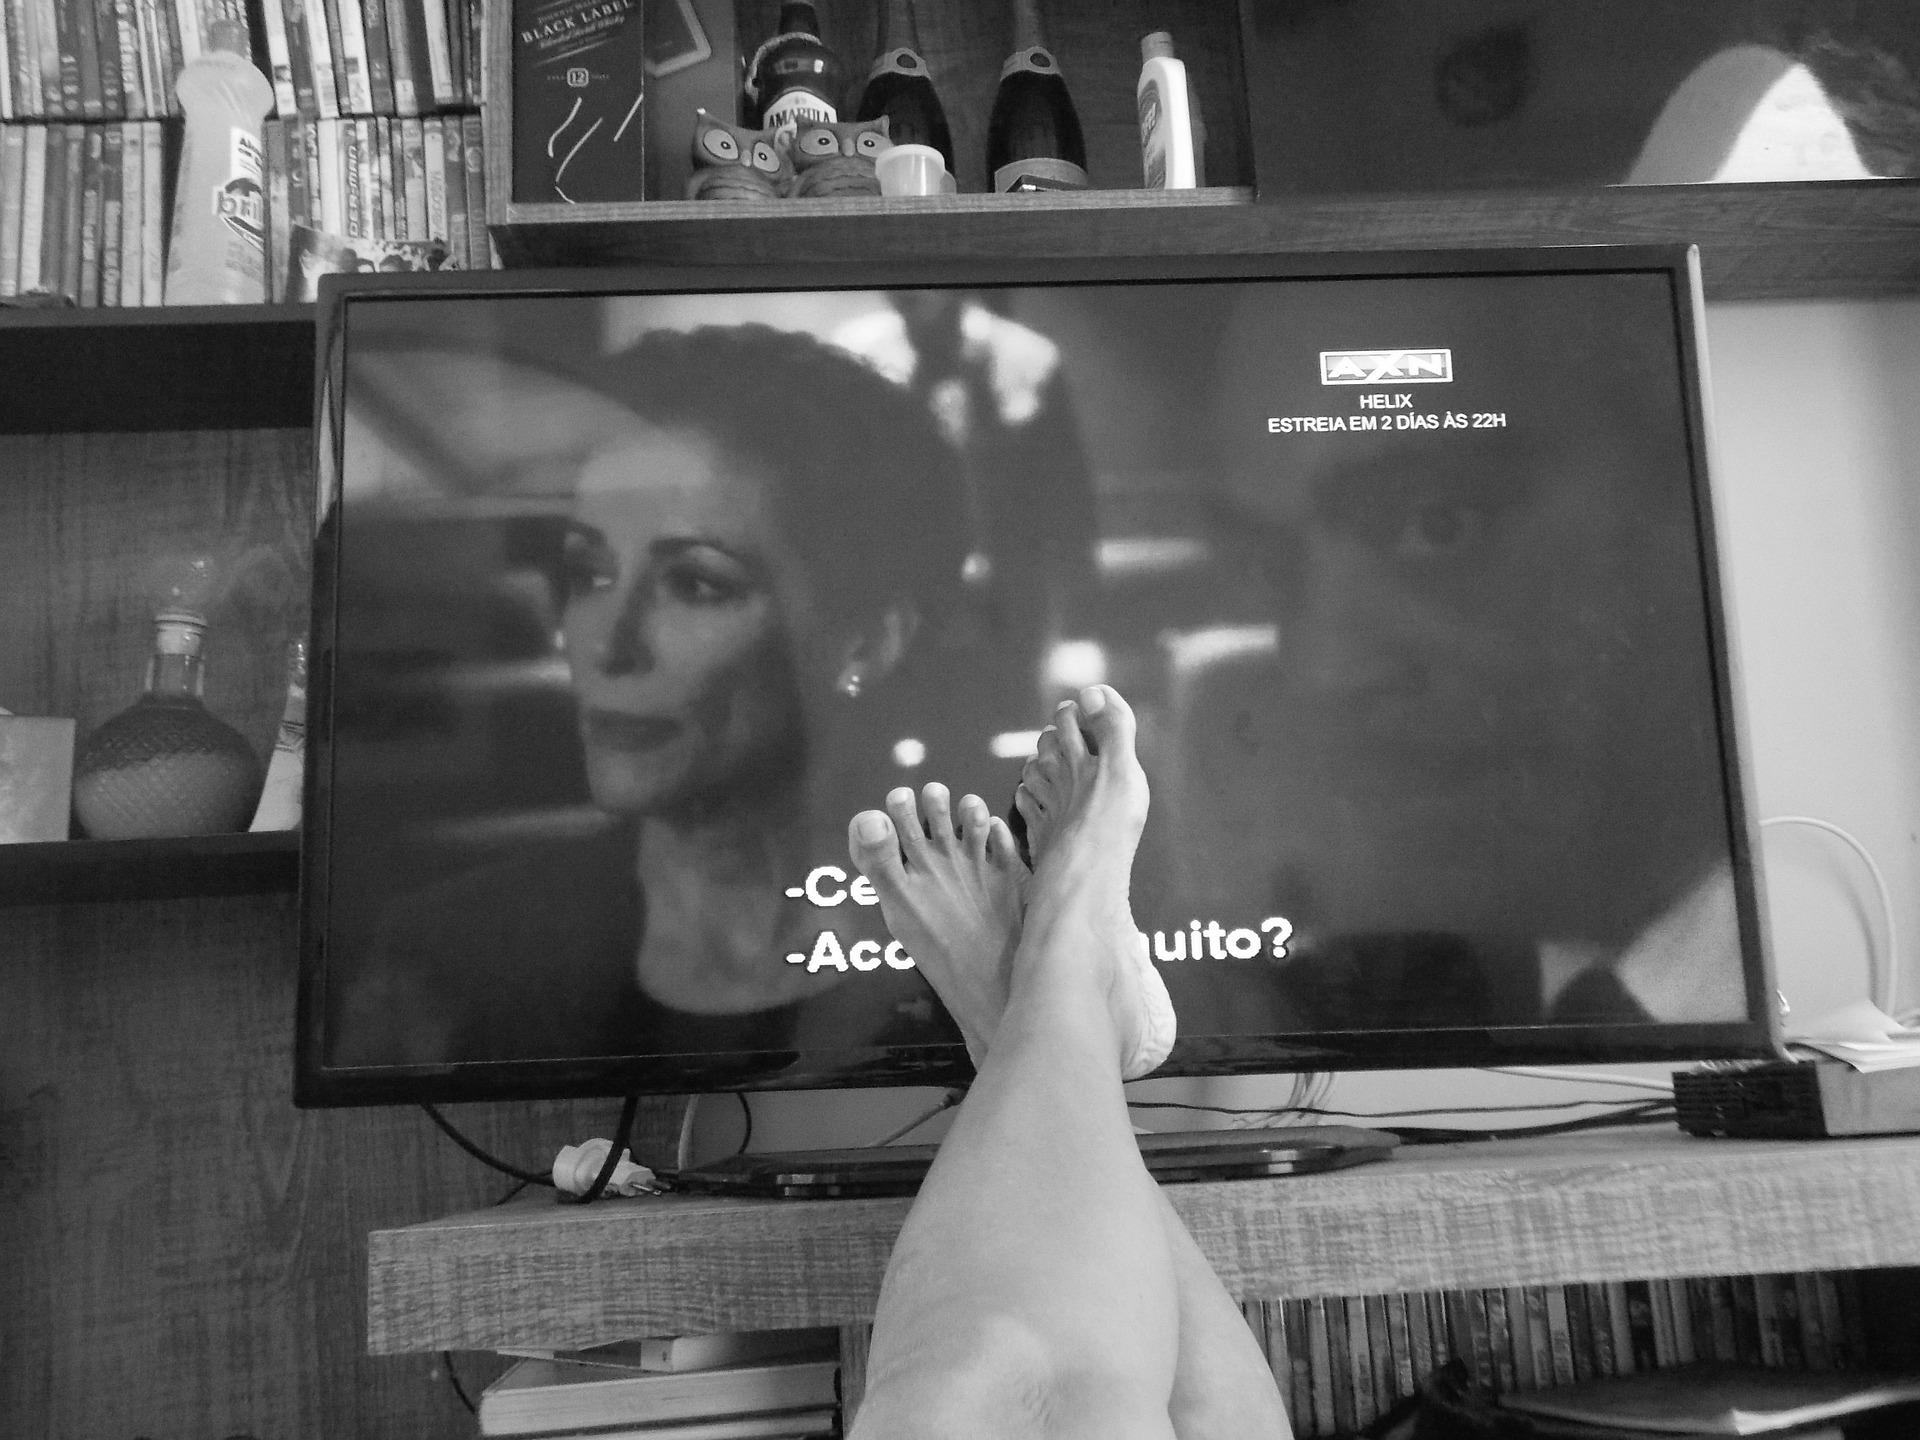 なぜ休日の暇つぶしに映画チャンネルがおすすめなの?